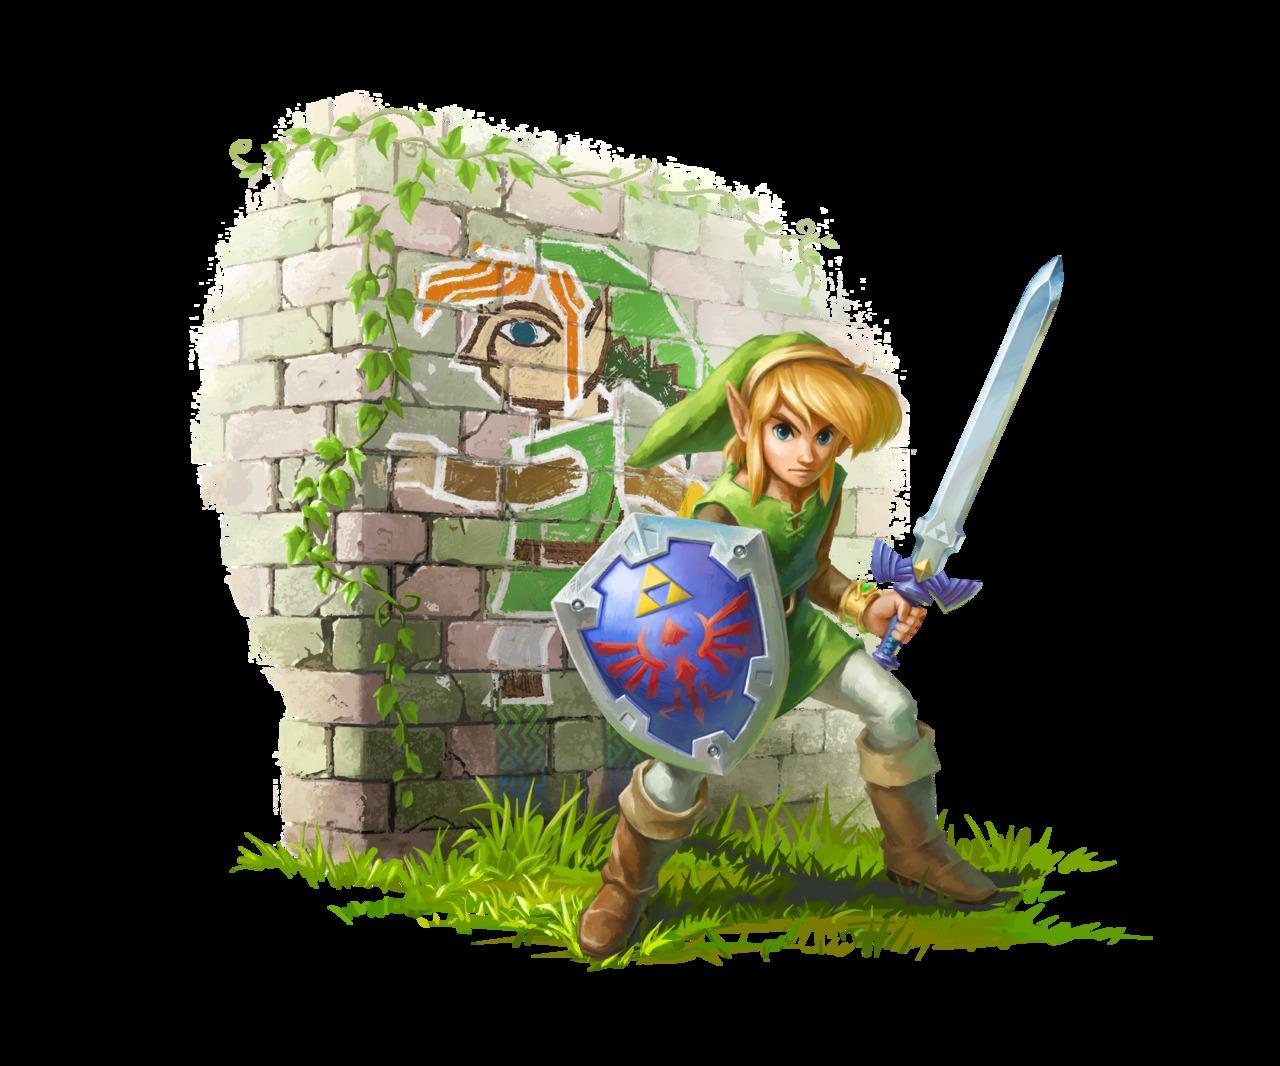 http://image.jeuxvideo.com/images/3d/t/h/the-legend-of-zelda-a-link-between-worlds-nintendo-3ds-1371047869-029.jpg